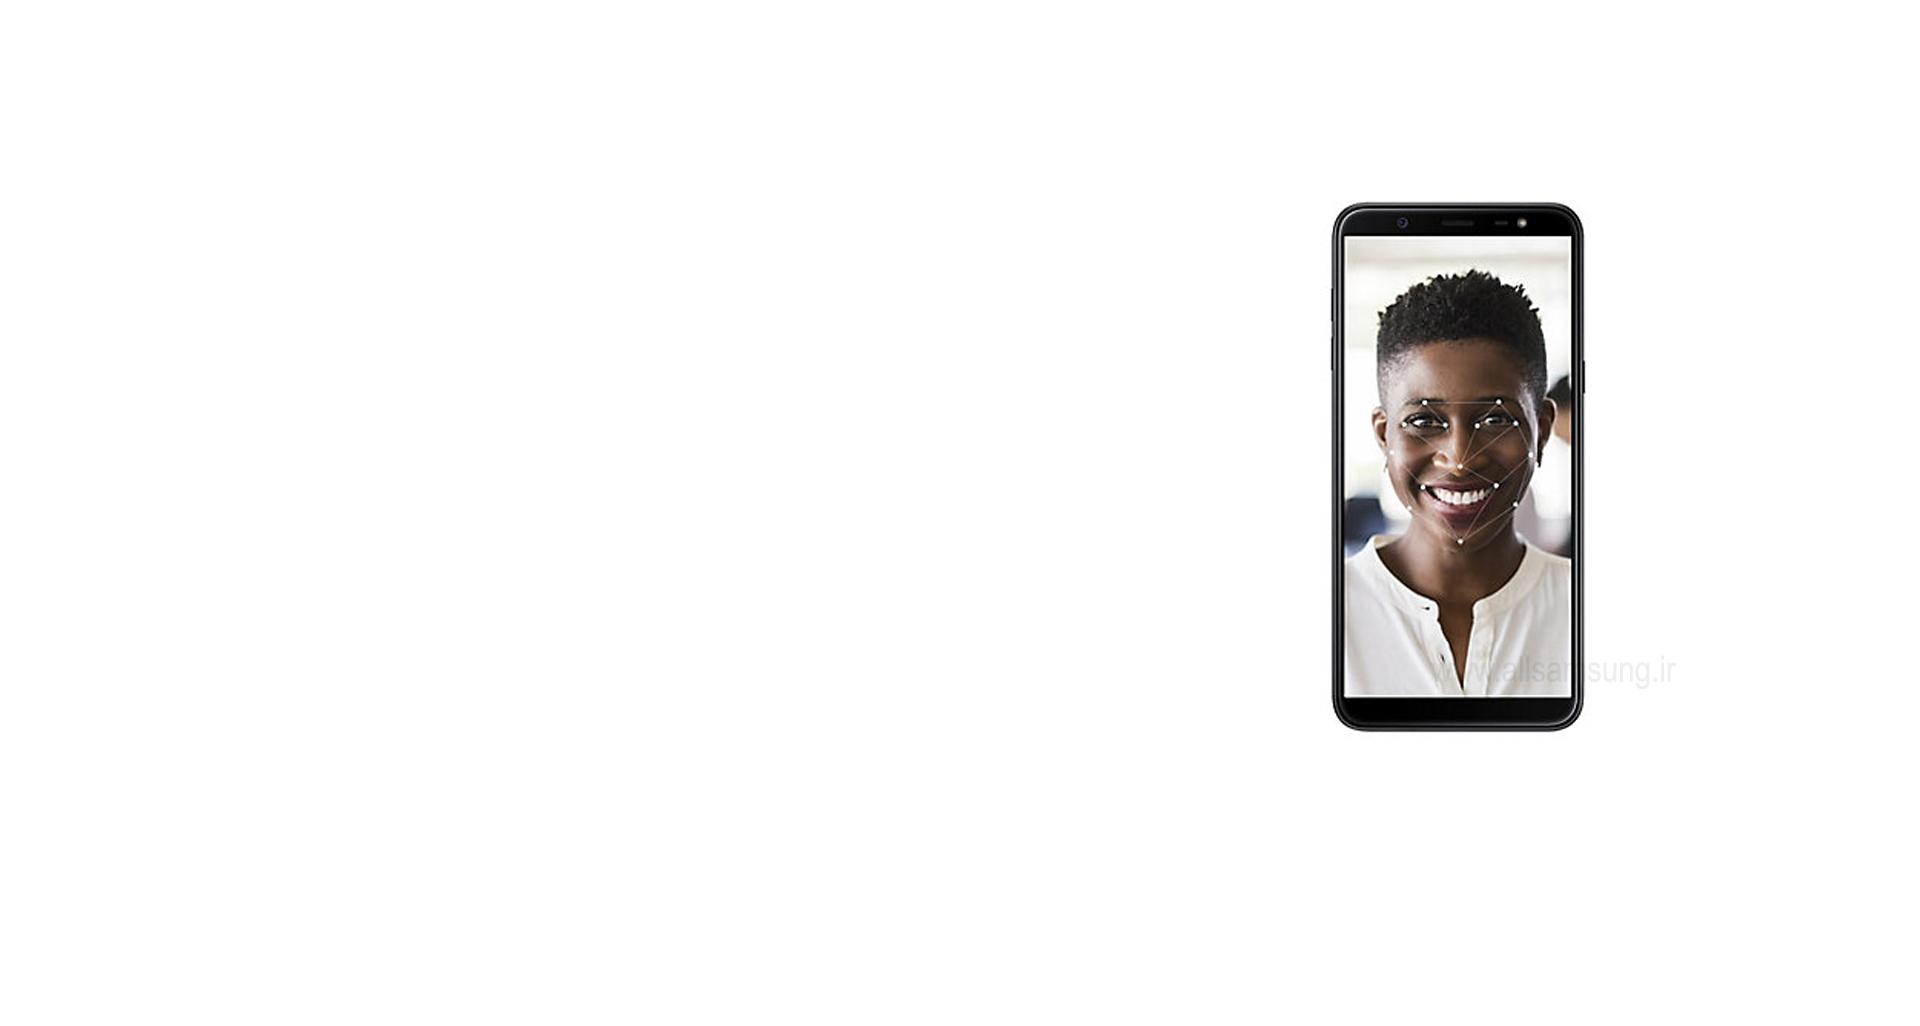 گوشی گلکسی جی 8 با امنیتی فوق العاده